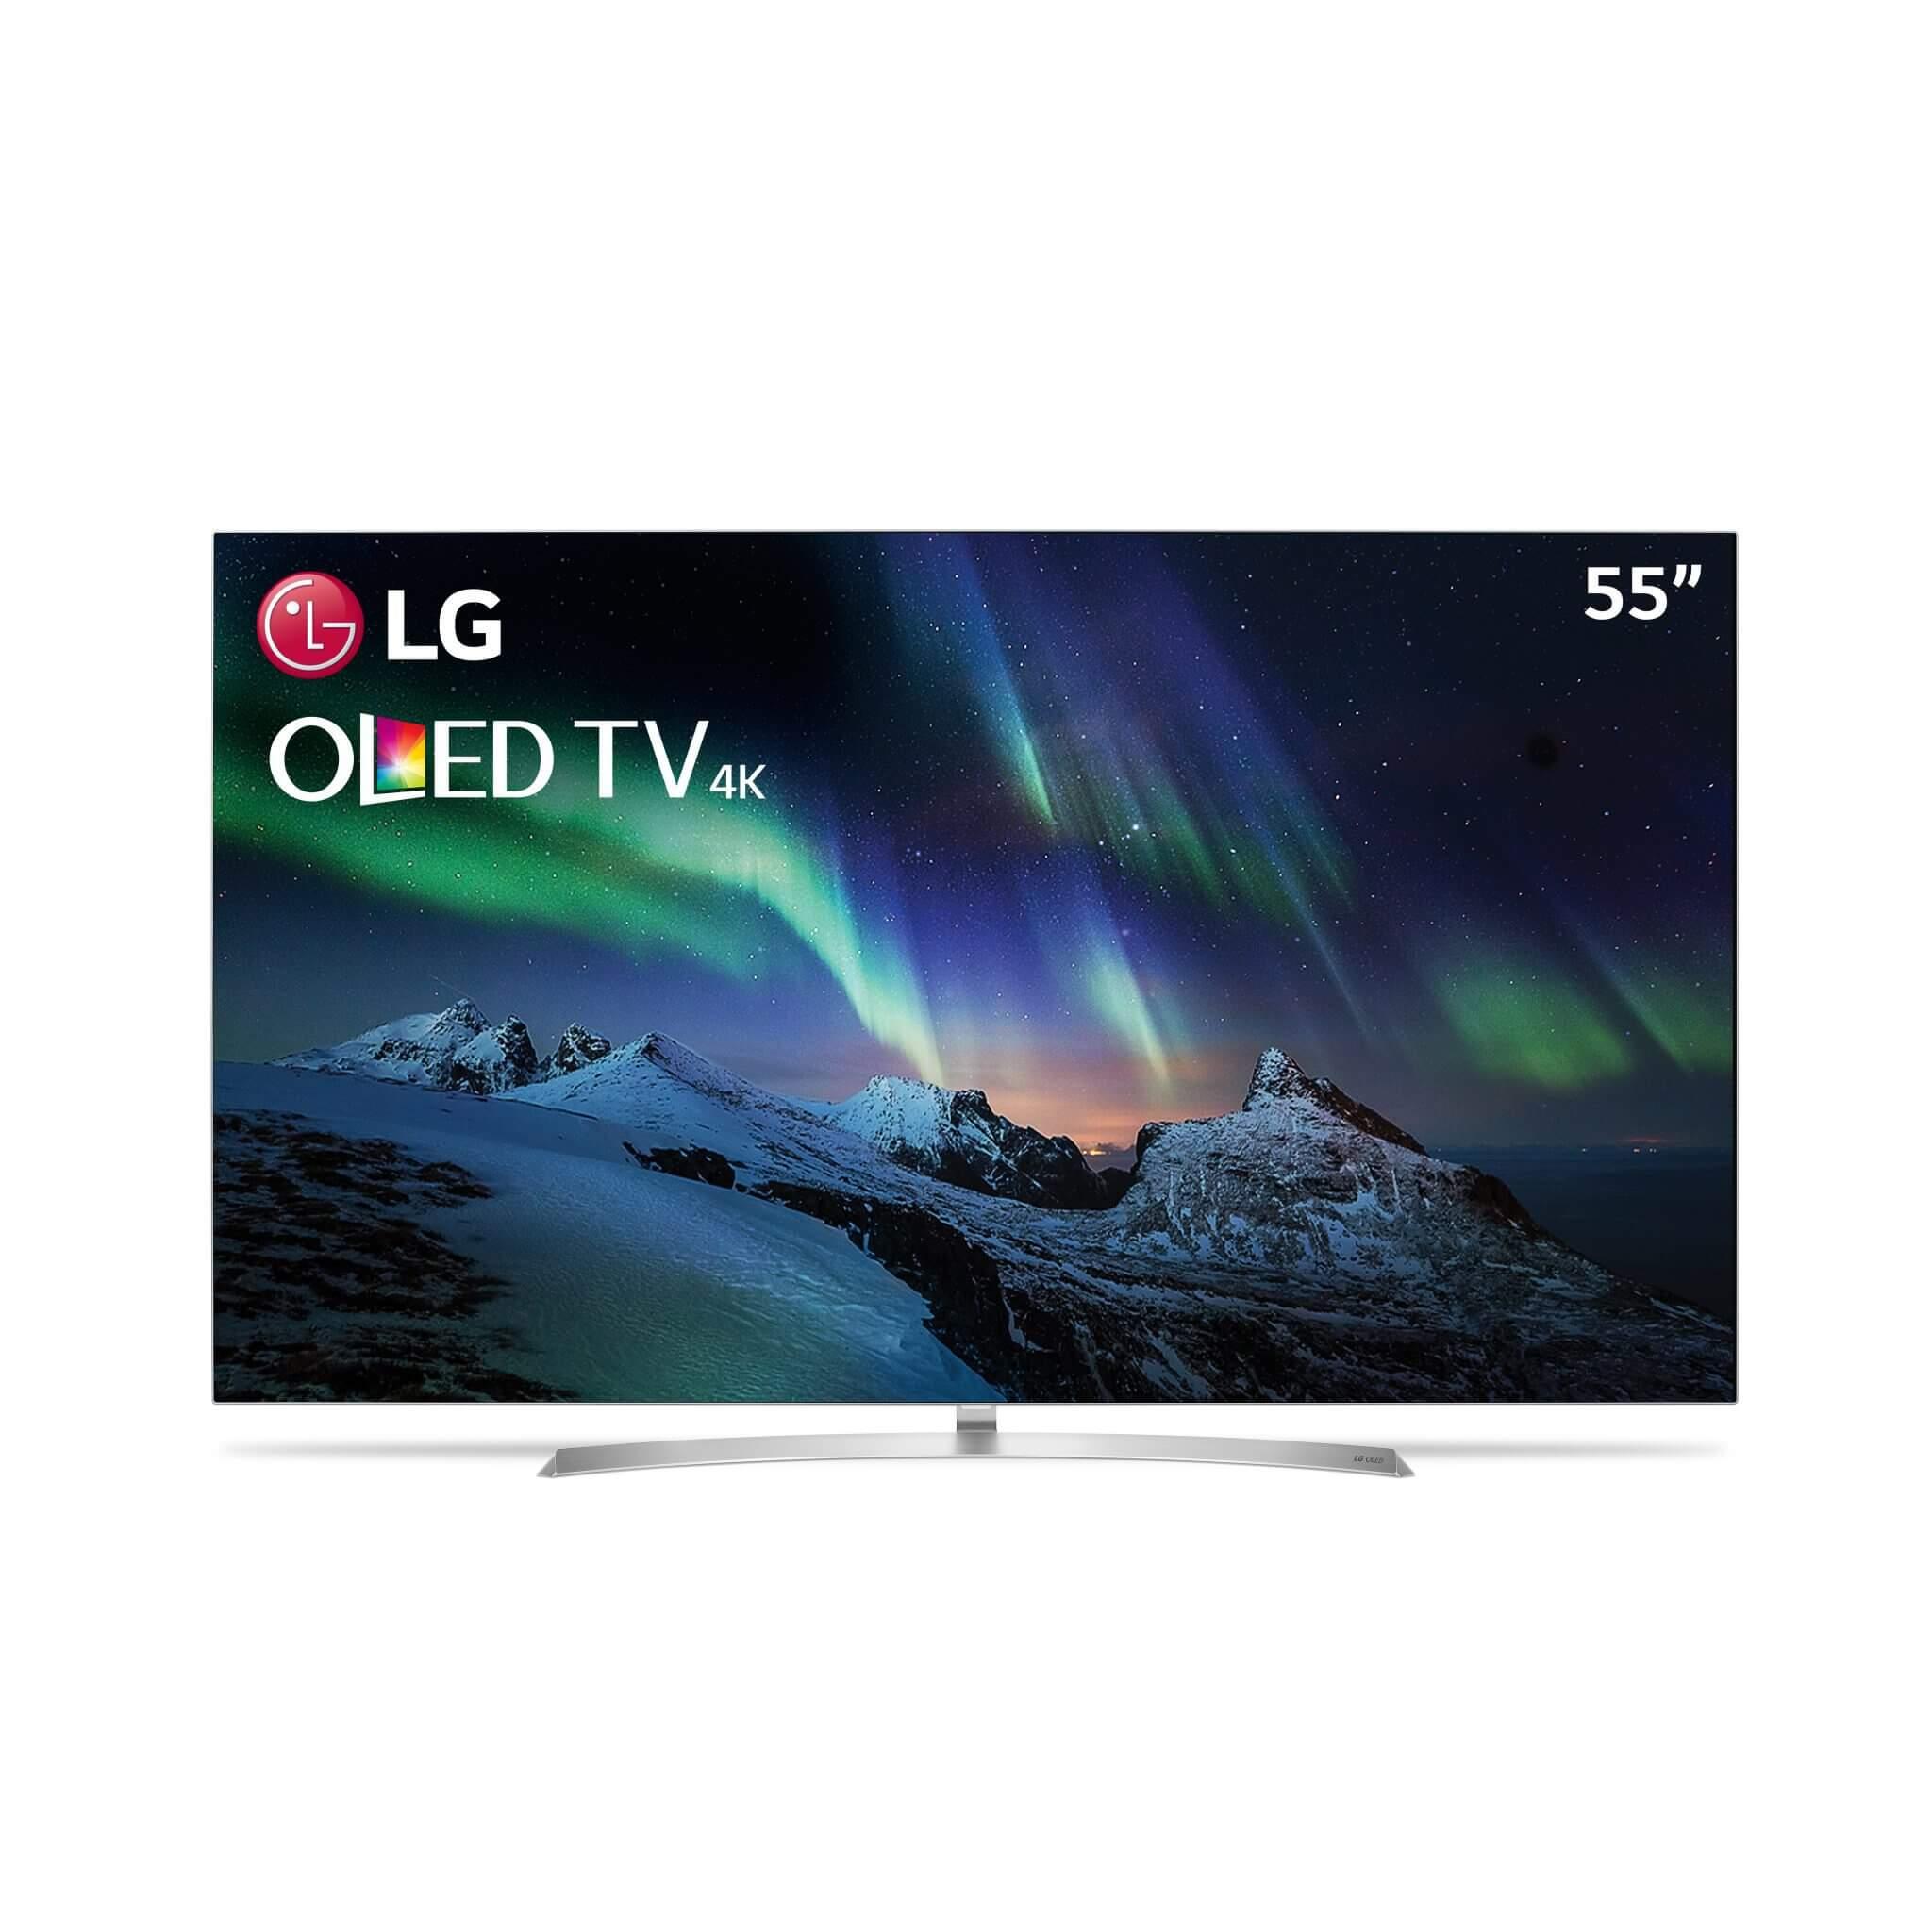 Linha Signature da LG de TVs OLED